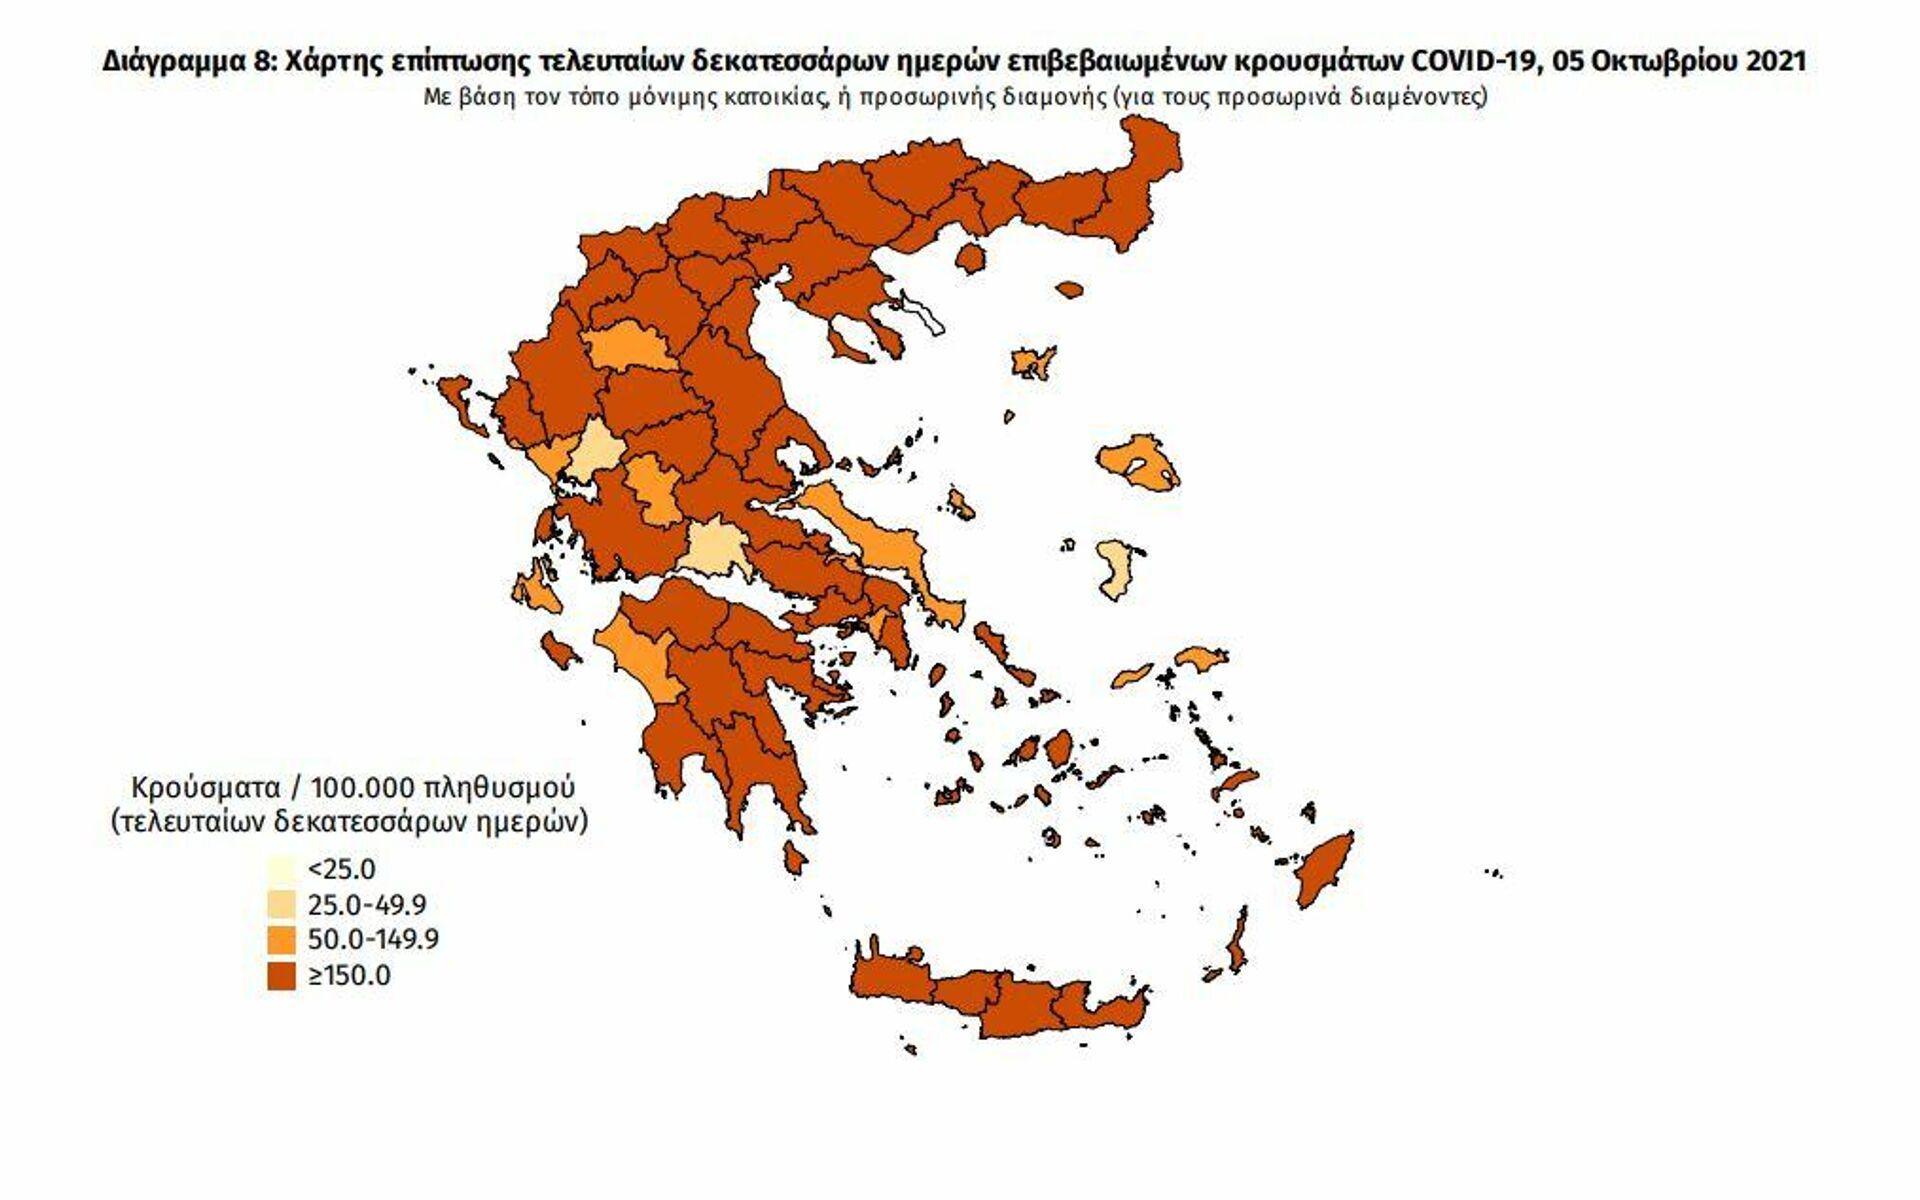 Χάρτης κρουσμάτων 14 ημερών - Sputnik Ελλάδα, 1920, 05.10.2021